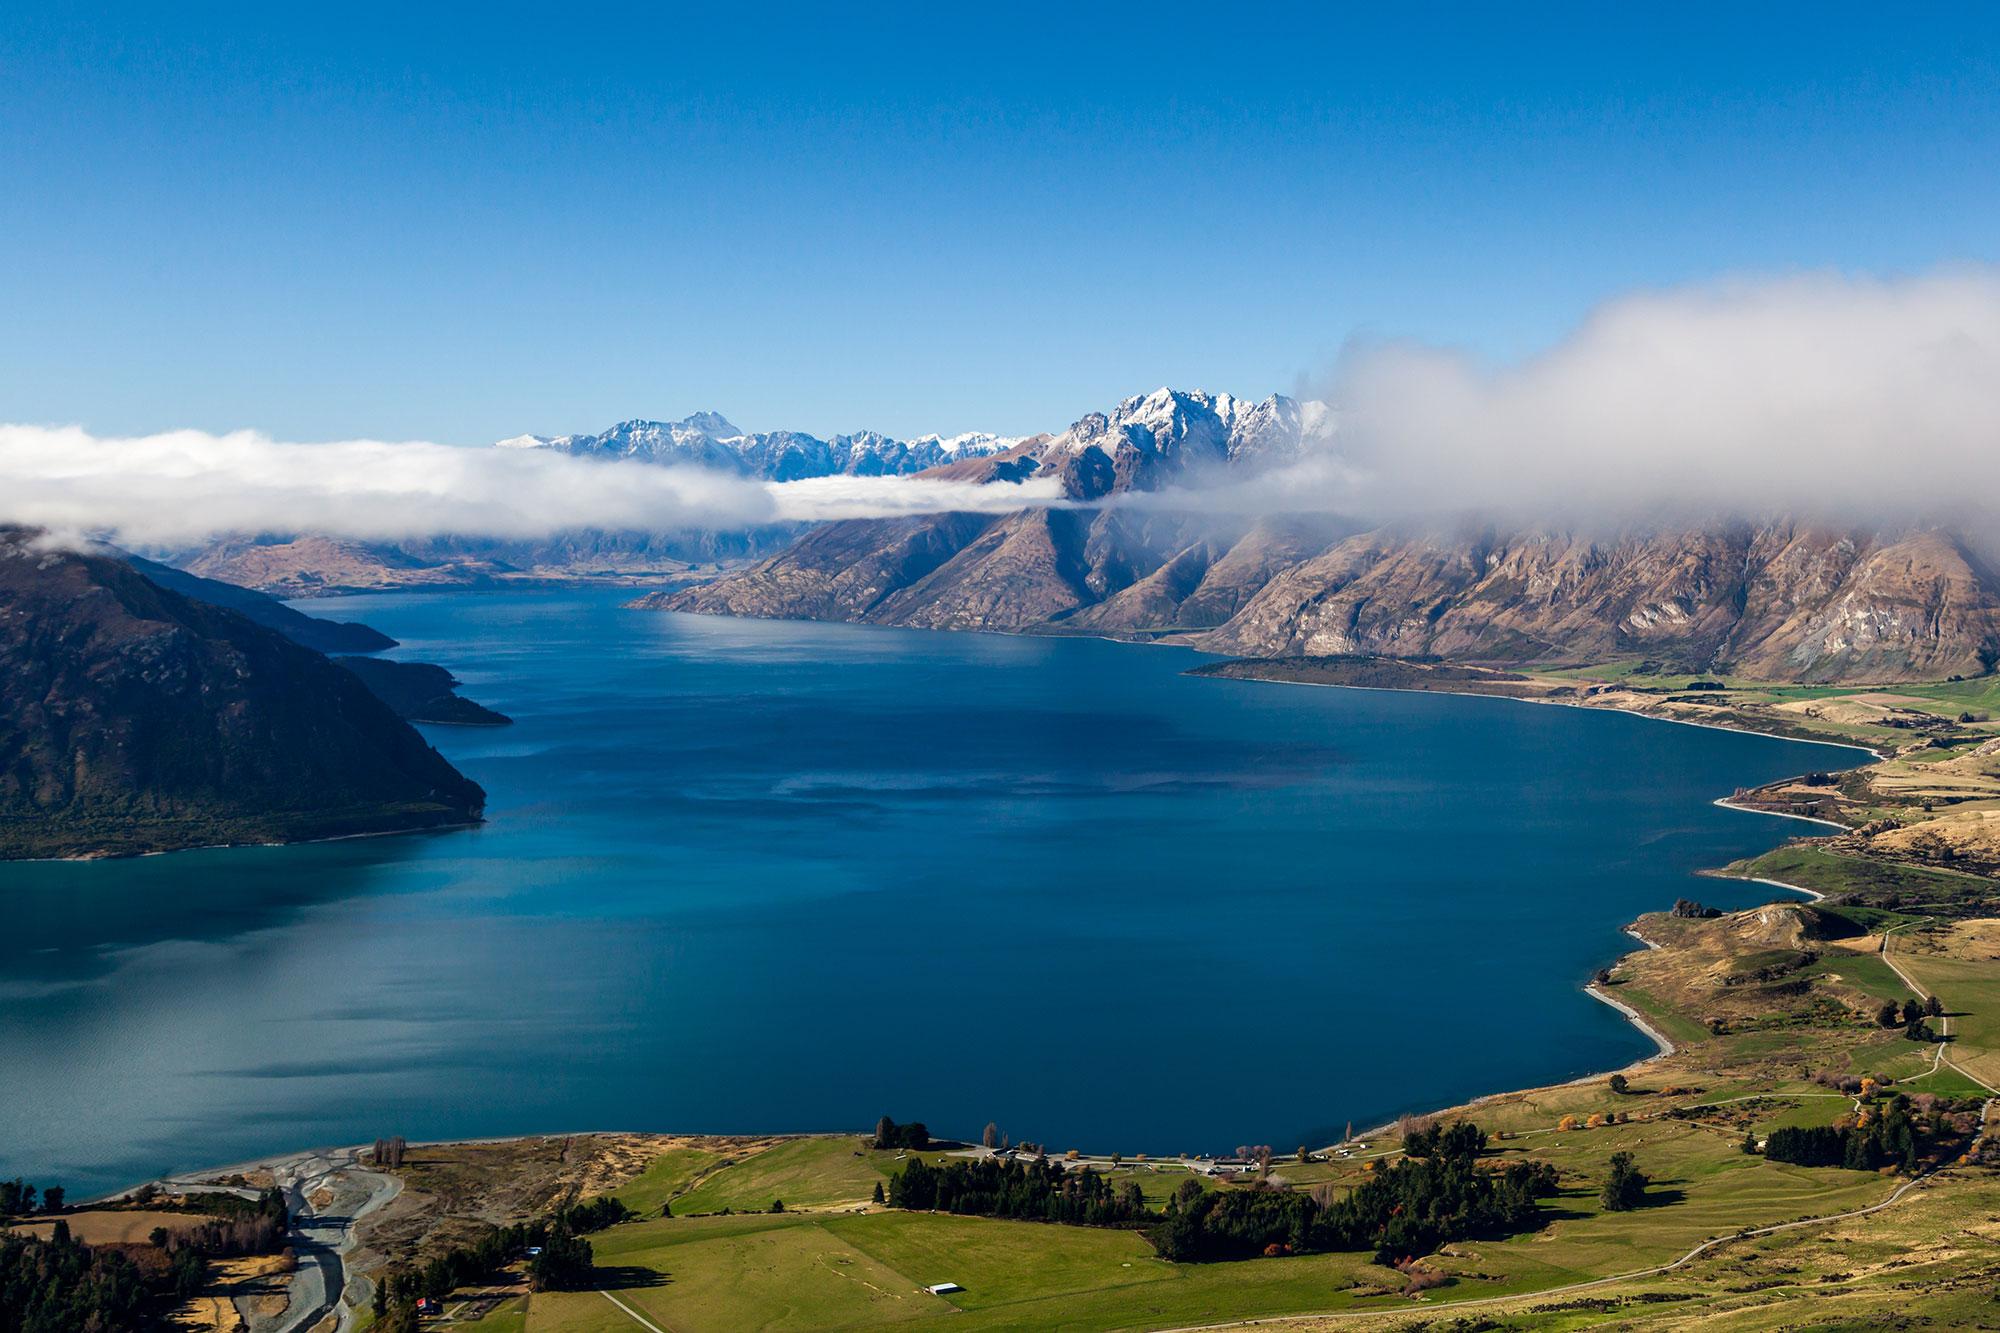 新西兰南岛-瓦卡蒂普湖(Lake Wakatipu)